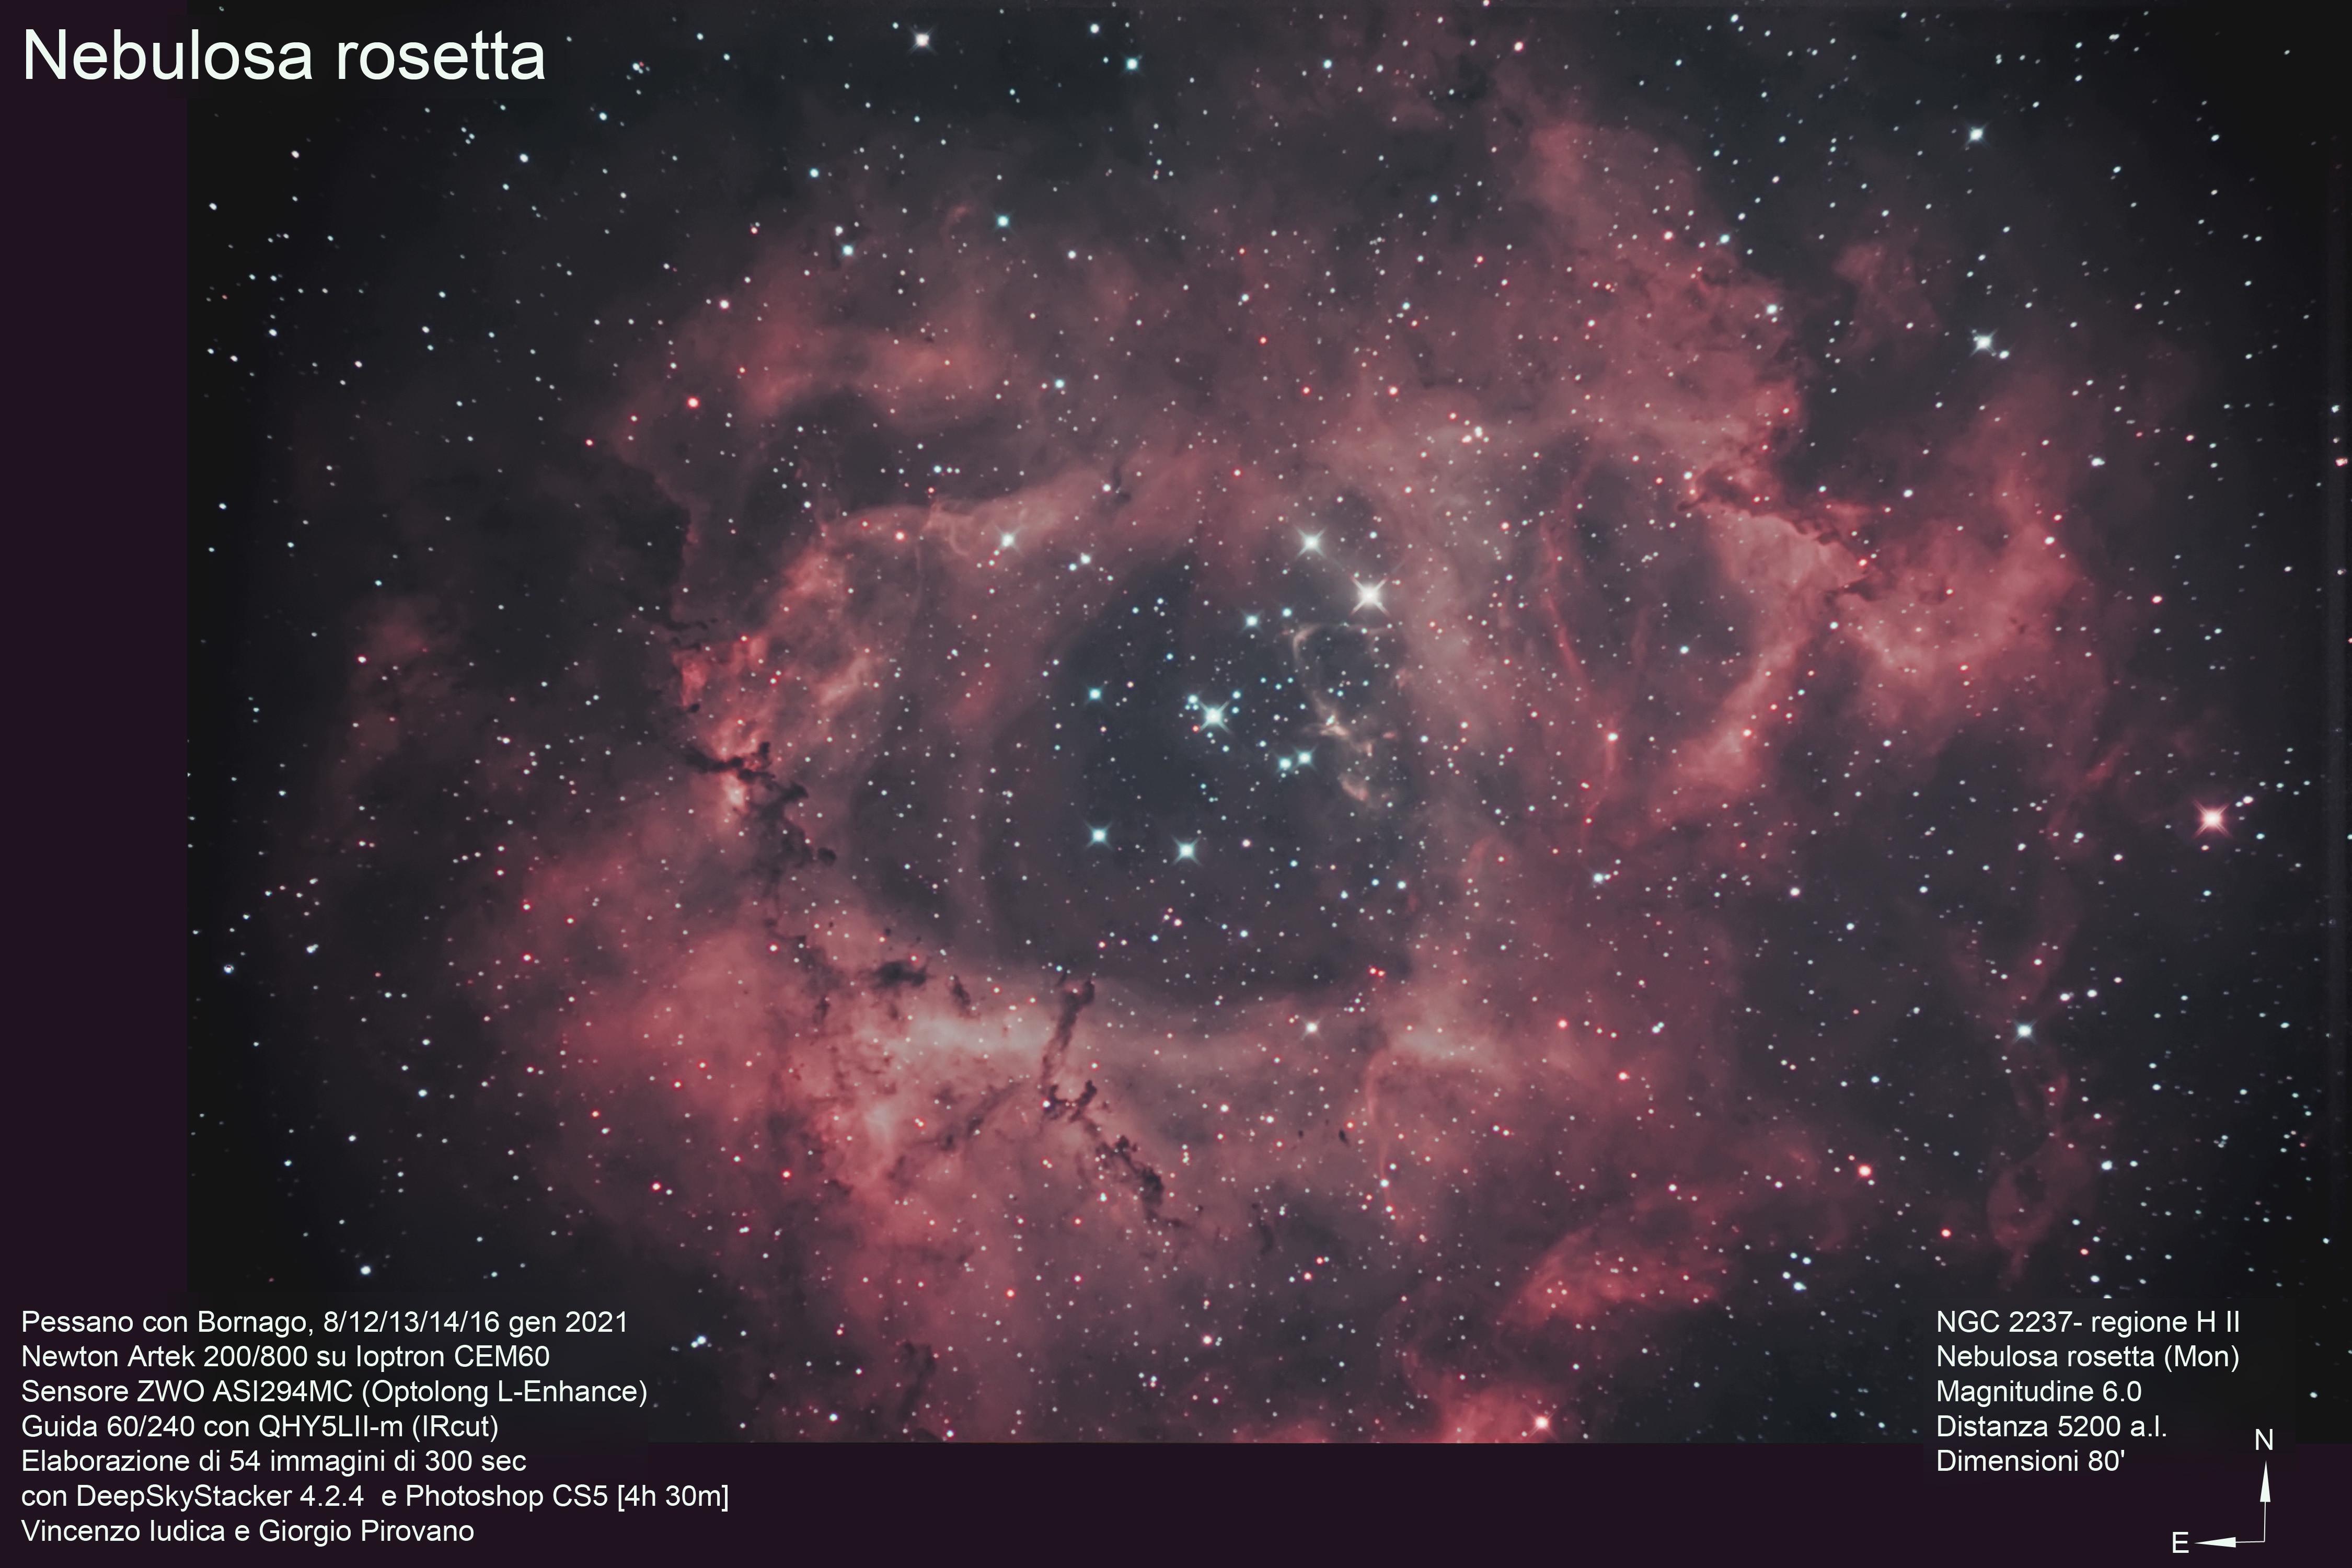 <p>La Nebulosa Rosetta è un'ampia regione H II di forma rozzamente circolare situata ai confini di una nebulosa molecolare gigante, nella costellazione dell'Unicorno (Wikipedia).</p>